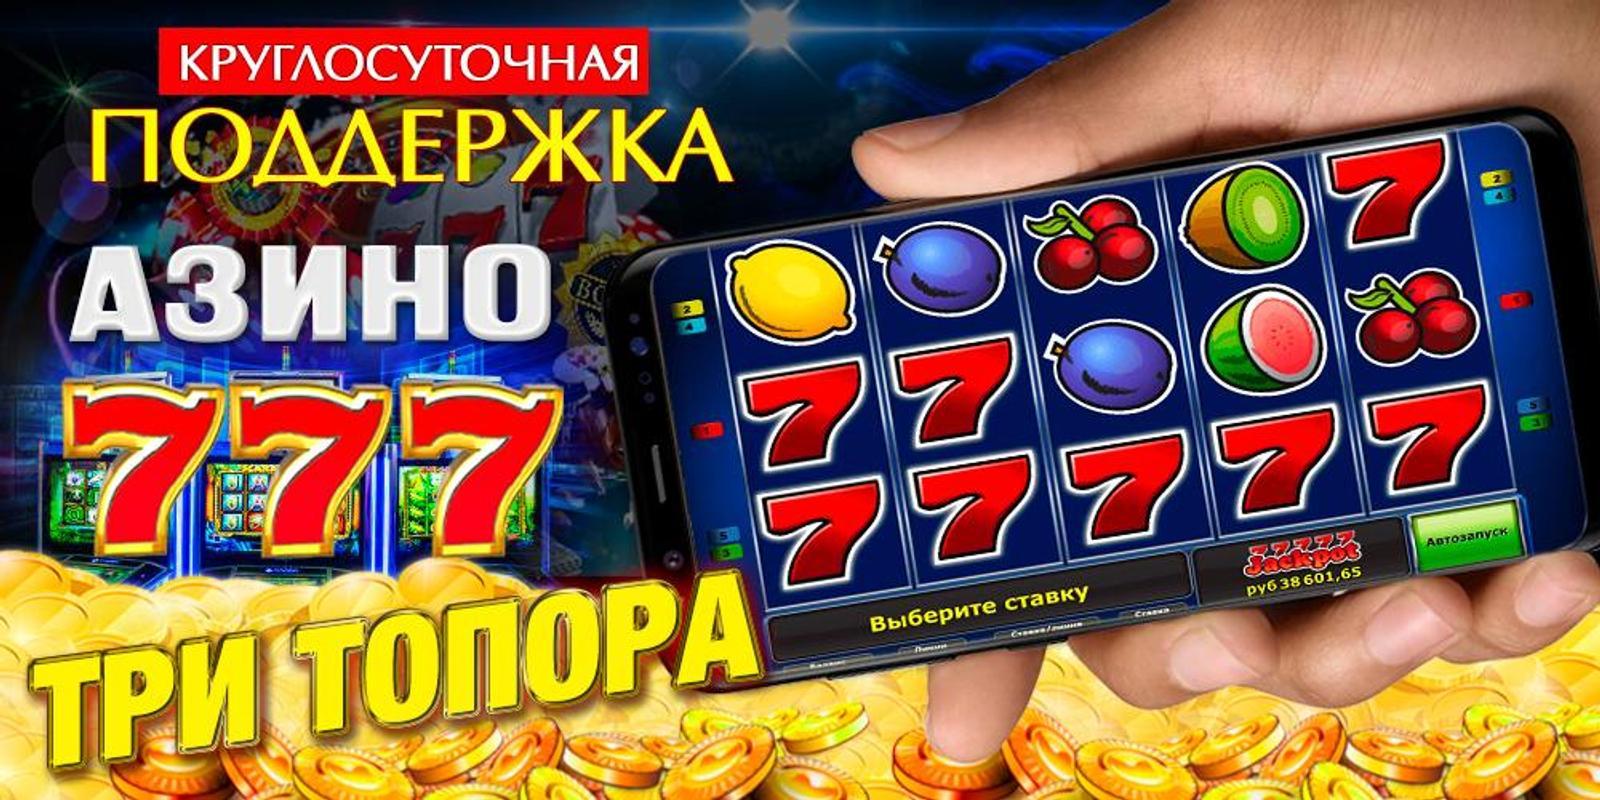 официальный сайт игровые автоматы азино777 с бонусом